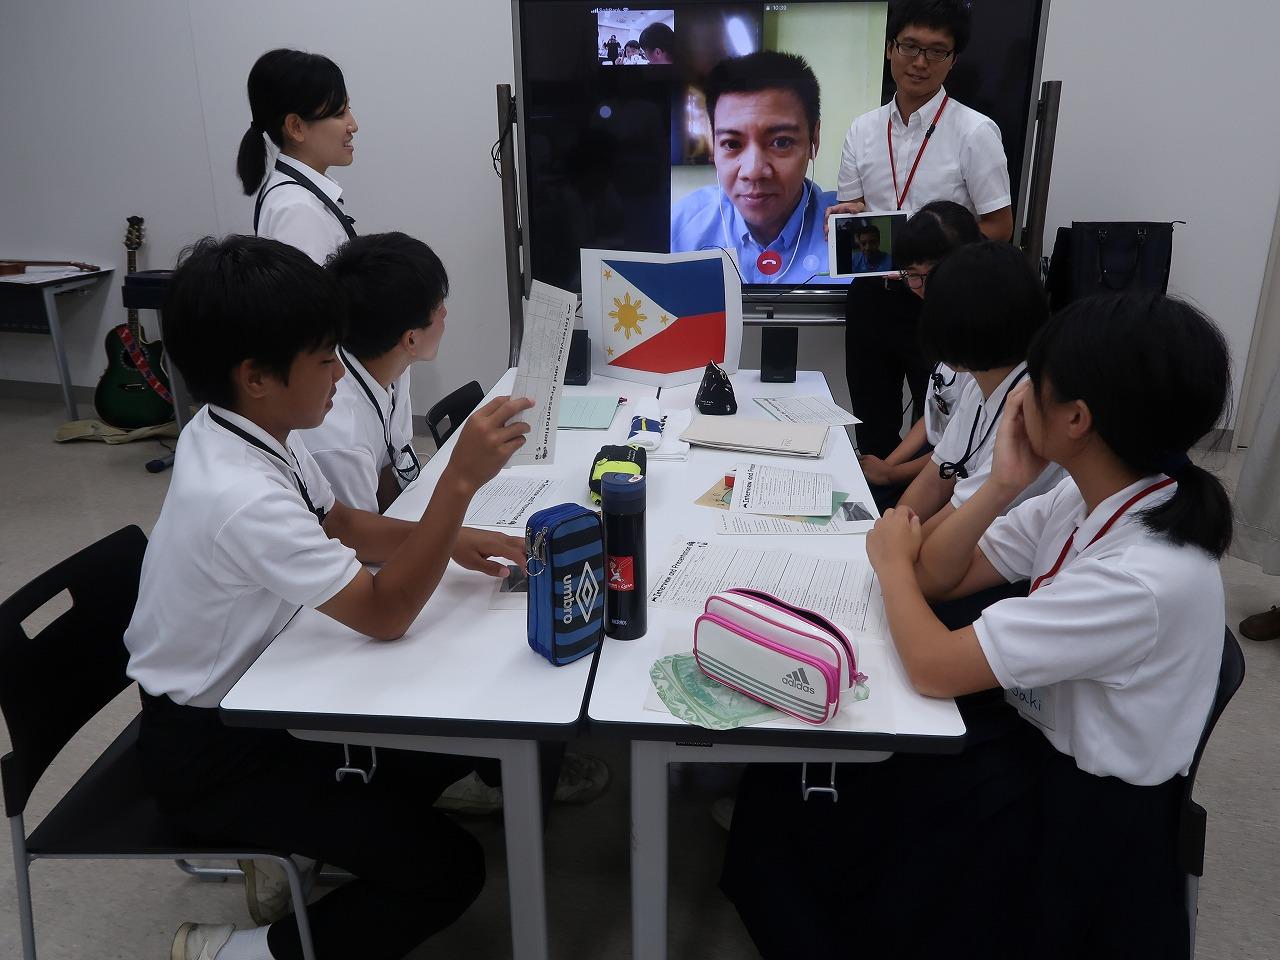 フィリピンの英語講師しているマーク・バレステロスさんと対話学習